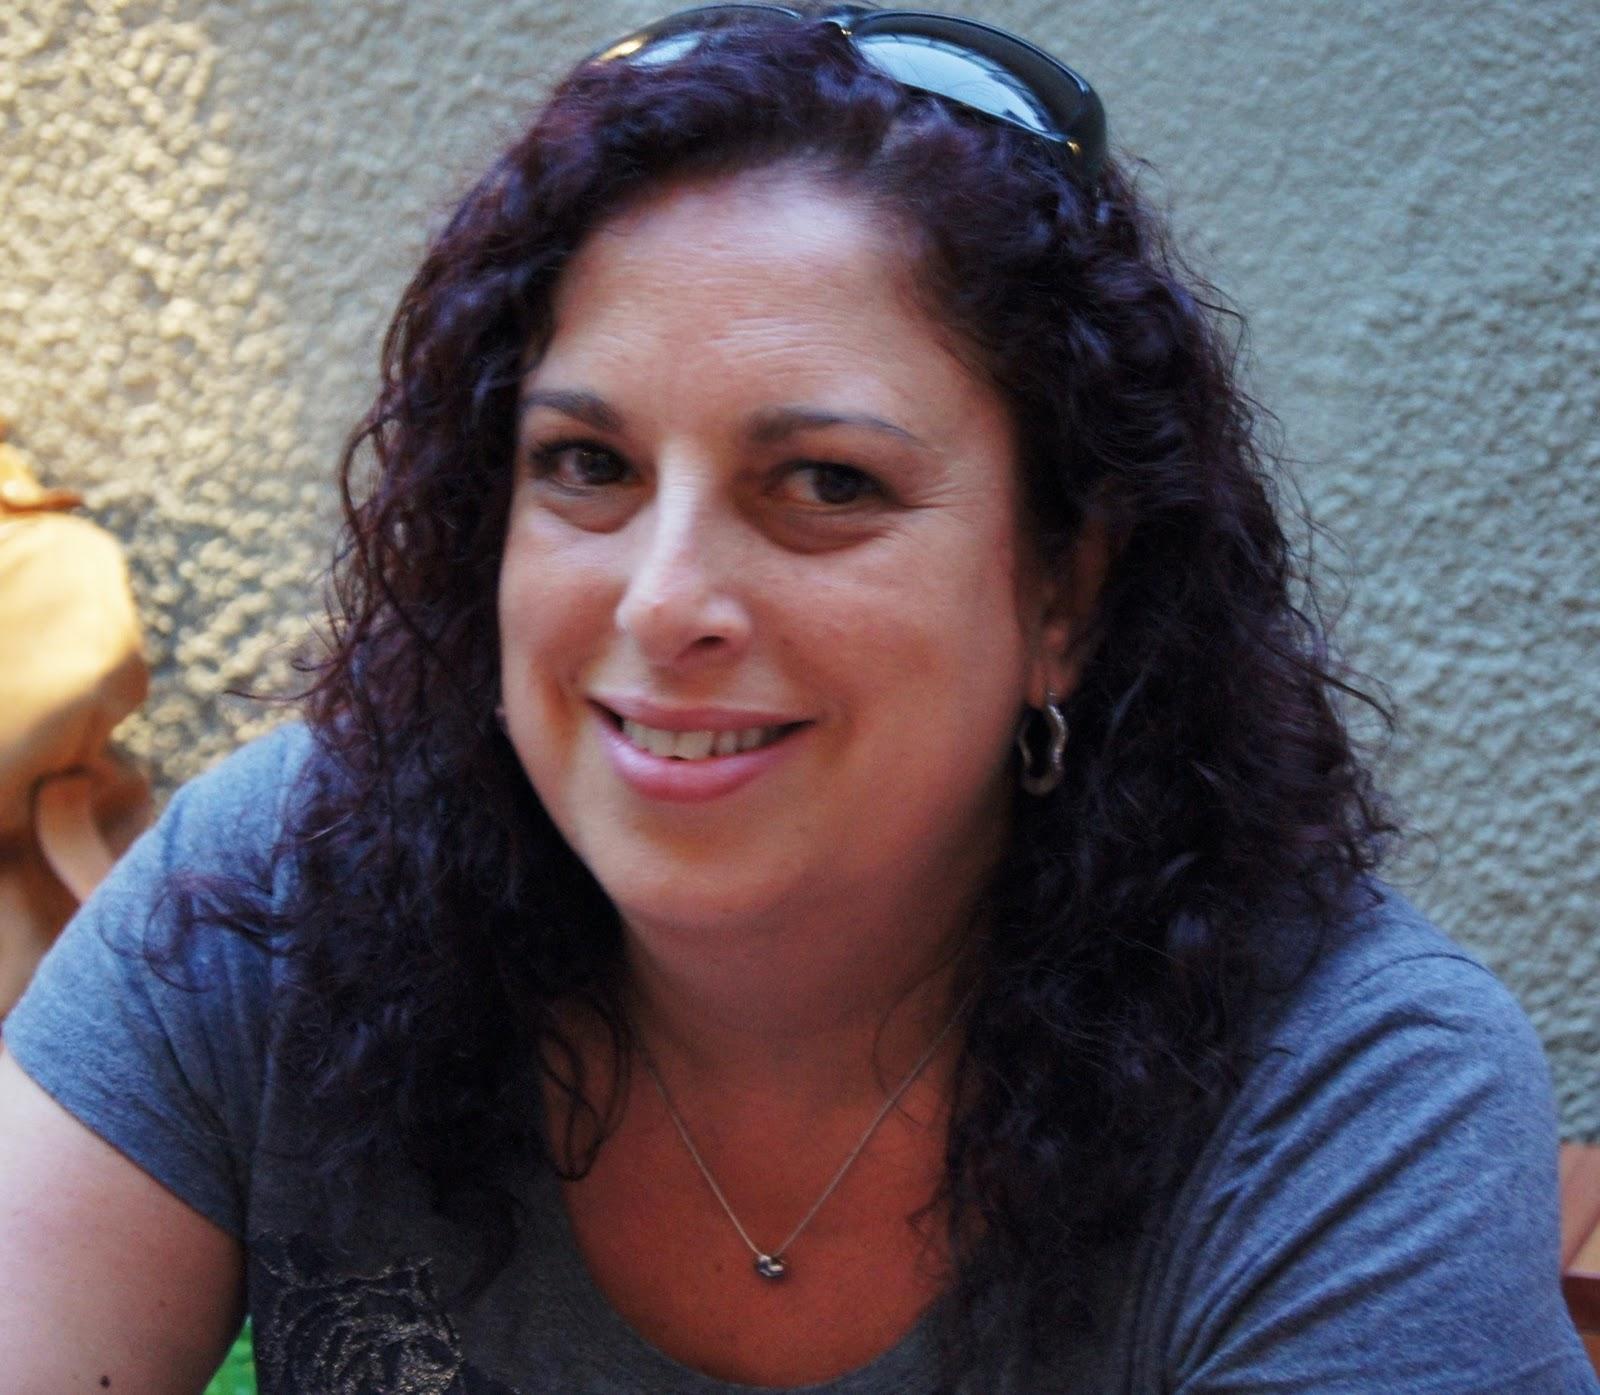 Discussion on this topic: Beata Pozniak, carmen-carrera/